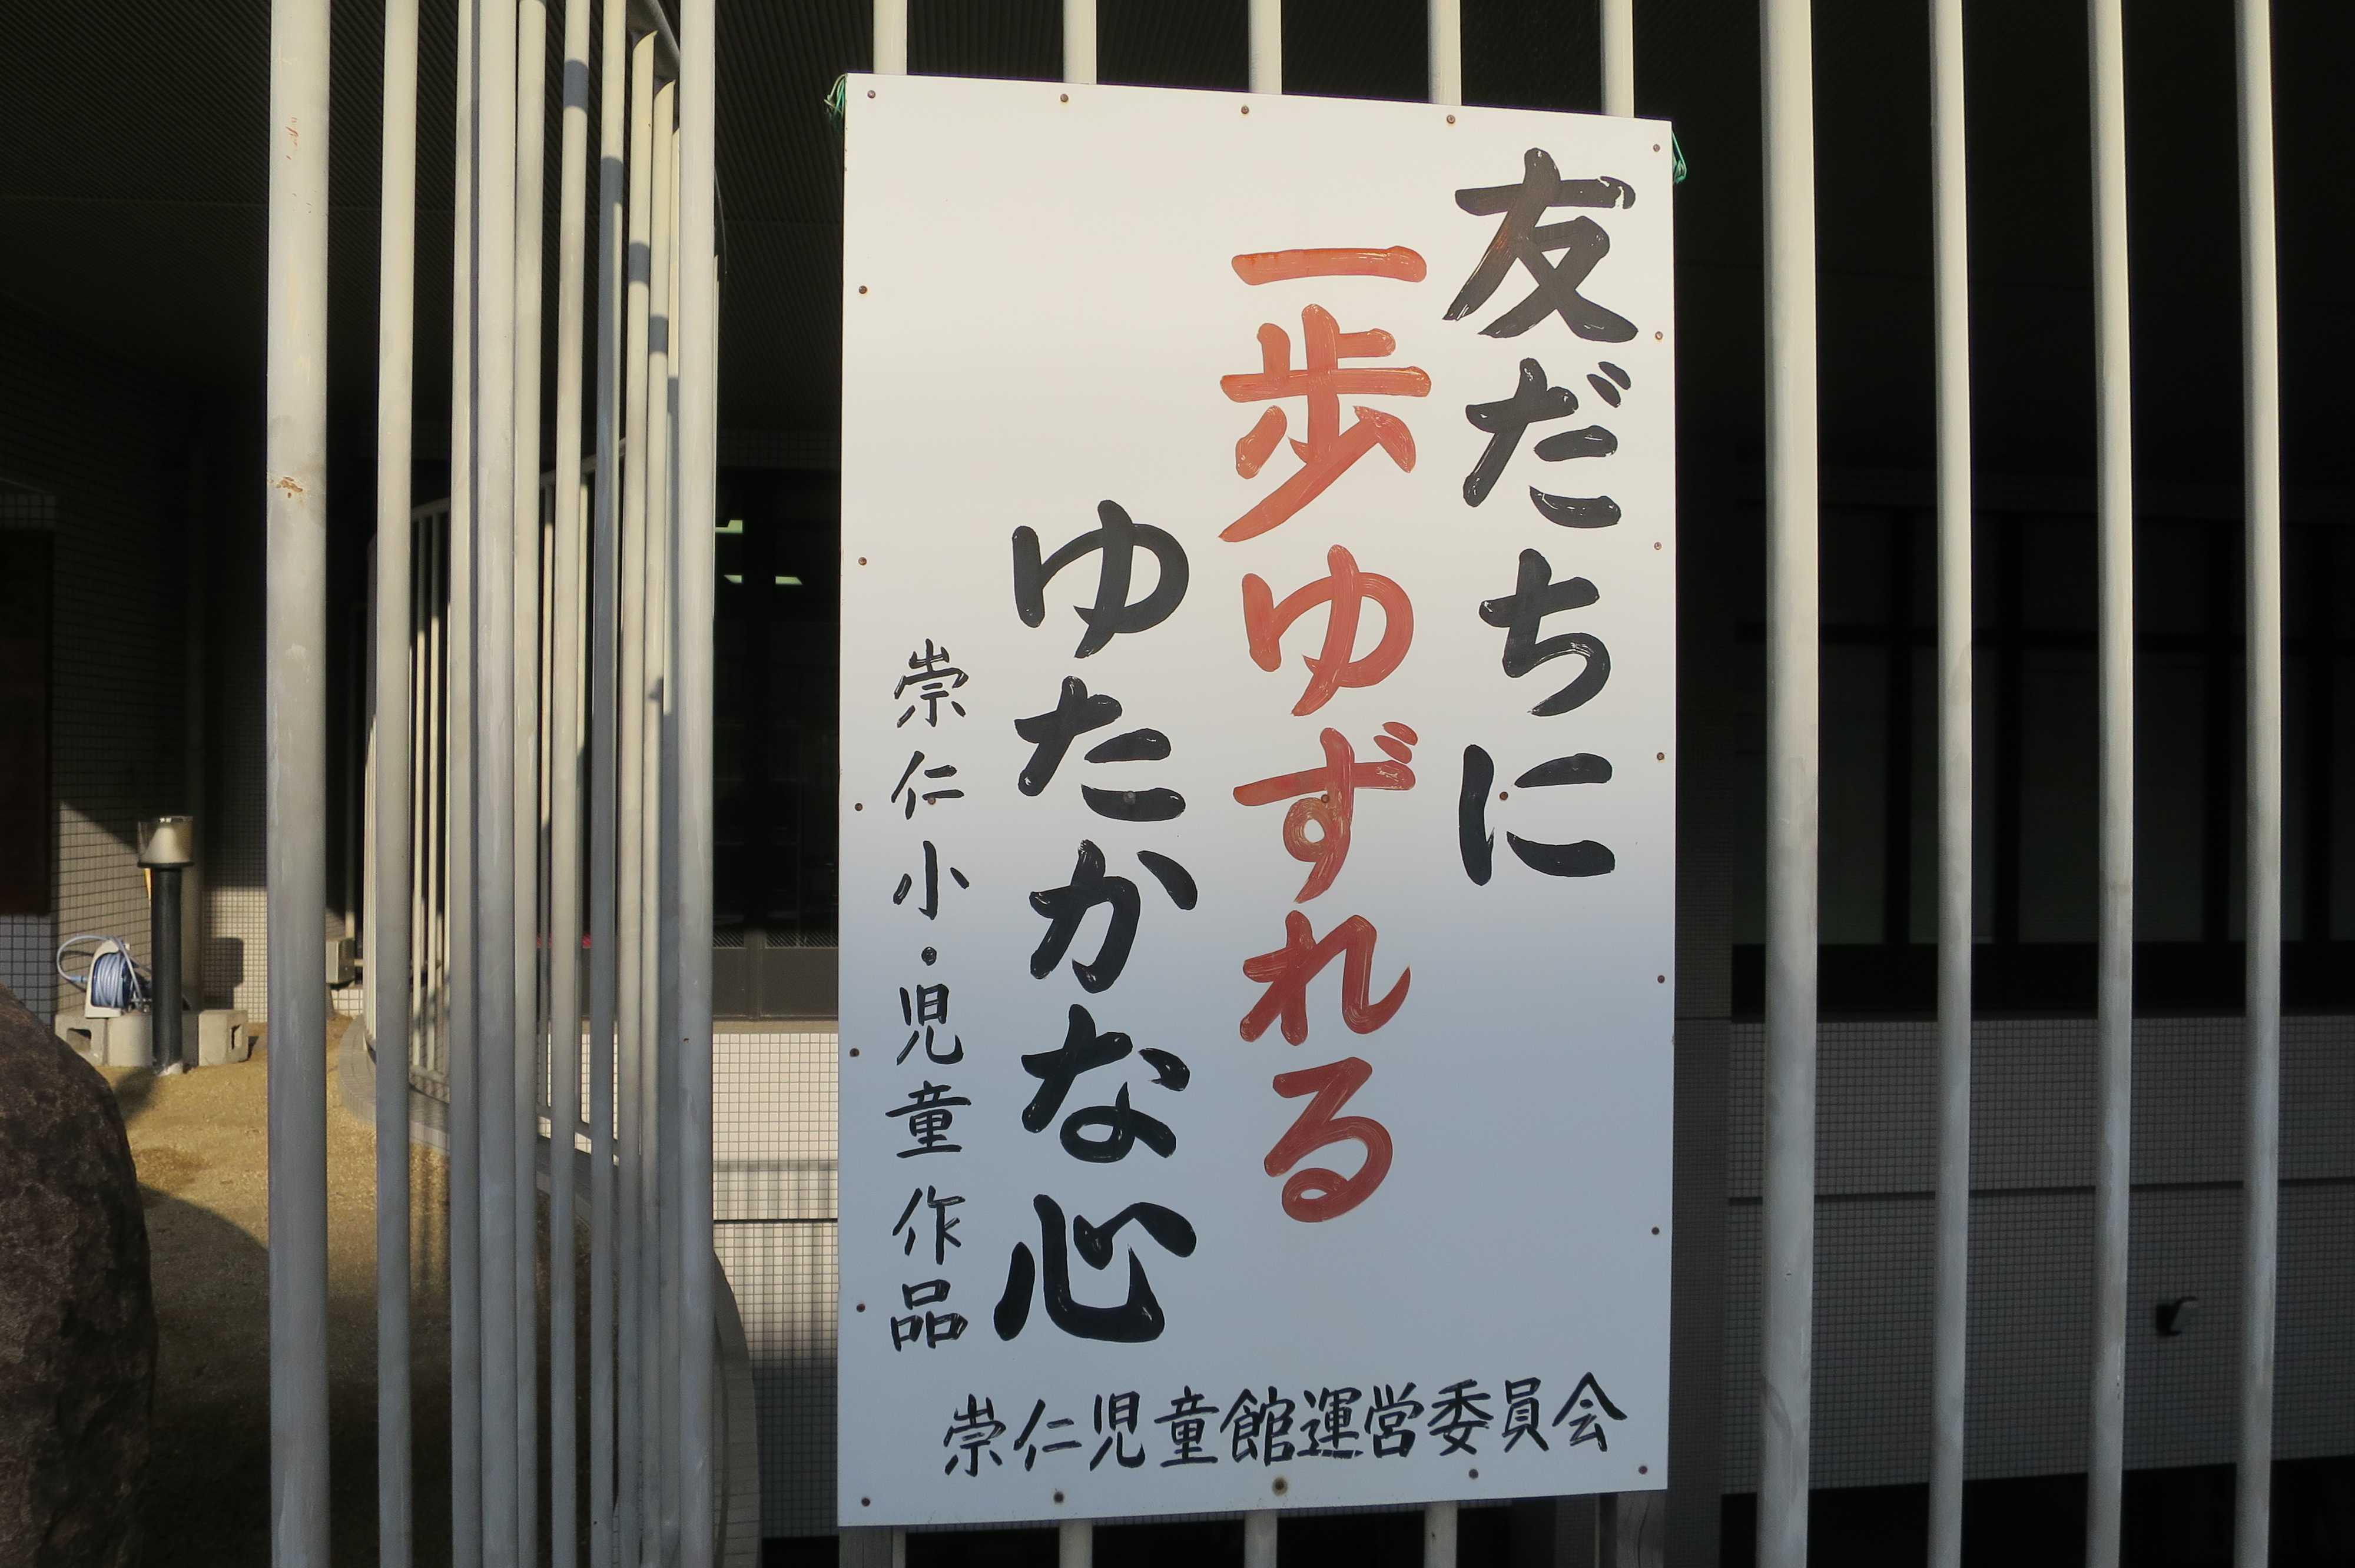 京都・崇仁地区 - 友だちに 一歩ゆずれる ゆたかな心 崇仁小・児童作品 崇仁児童館運営委員会